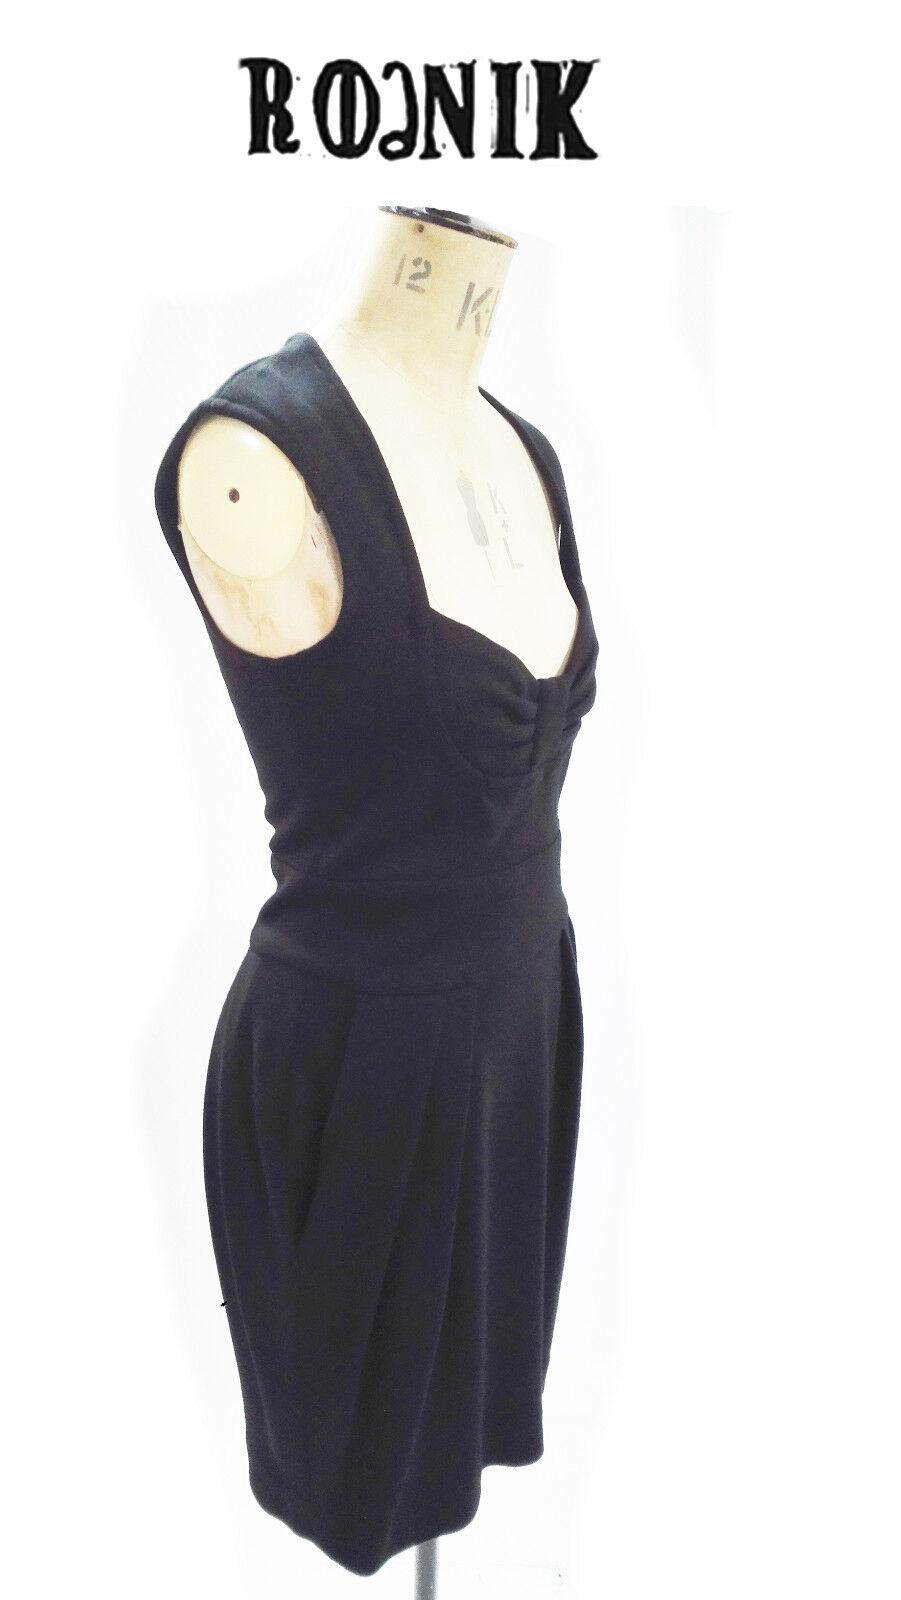 Designer Dress - Rodnik schwarz Fitted Stretch Dress with Bow Bodice Größe 10